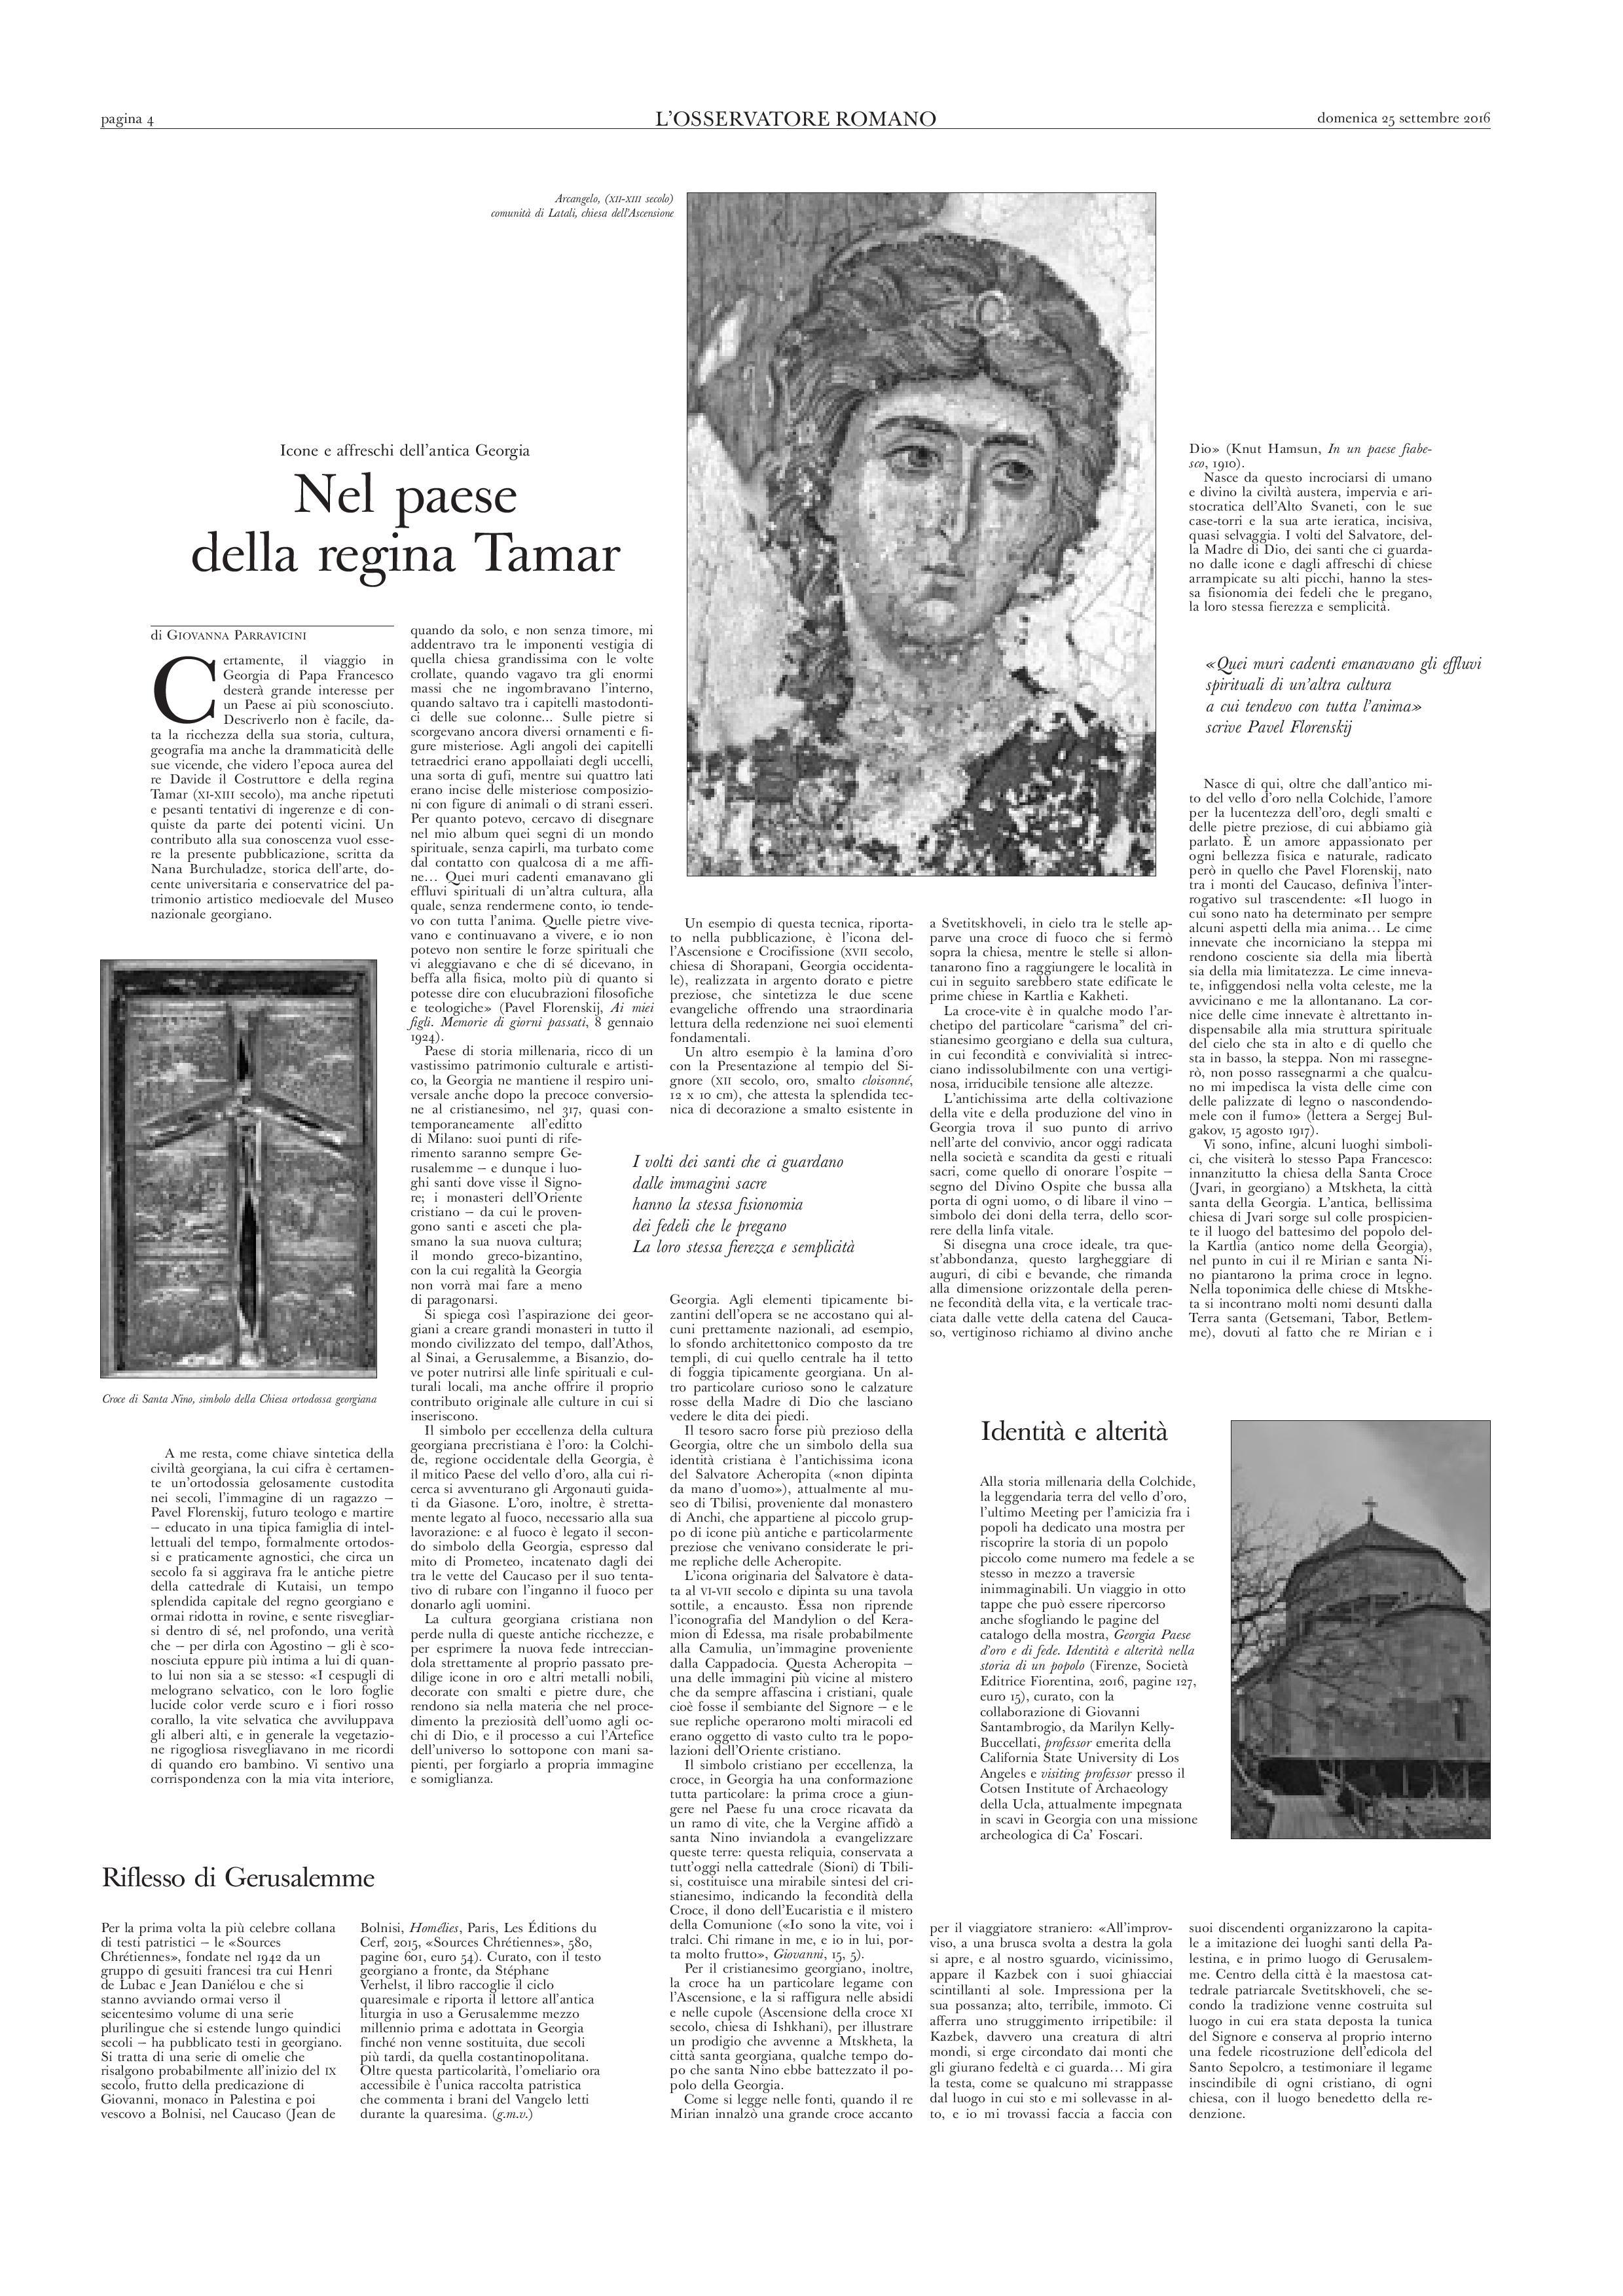 Georgia paese d 39 oro e di fede societ editrice fiorentina - Divo barsotti meditazioni ...